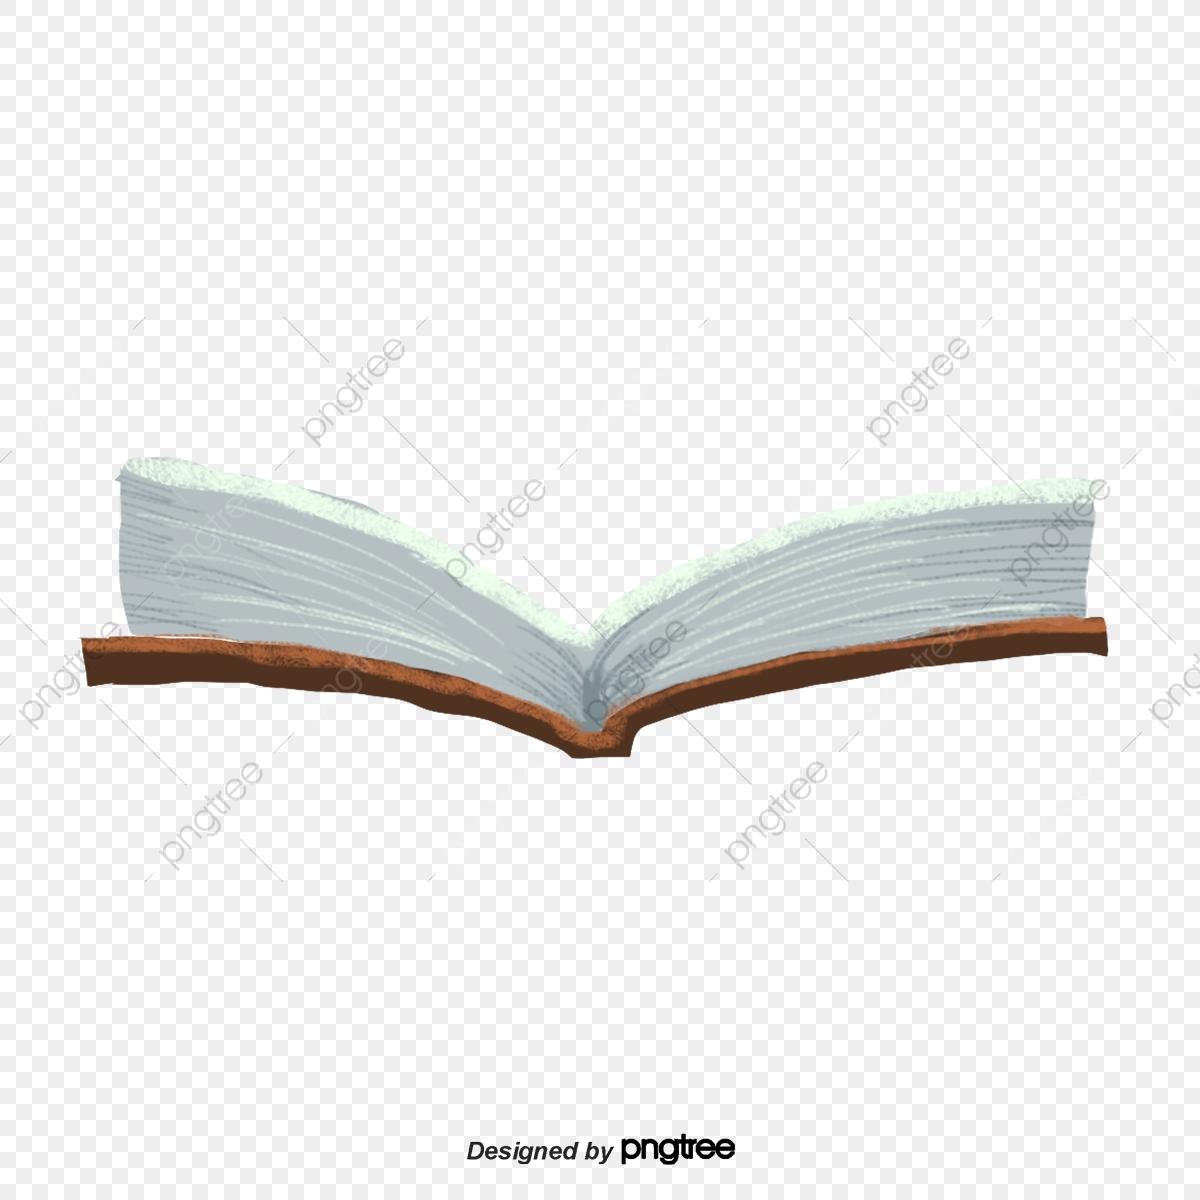 Dessin Anime Livre Ouvert Livre Livres Creative Fichier